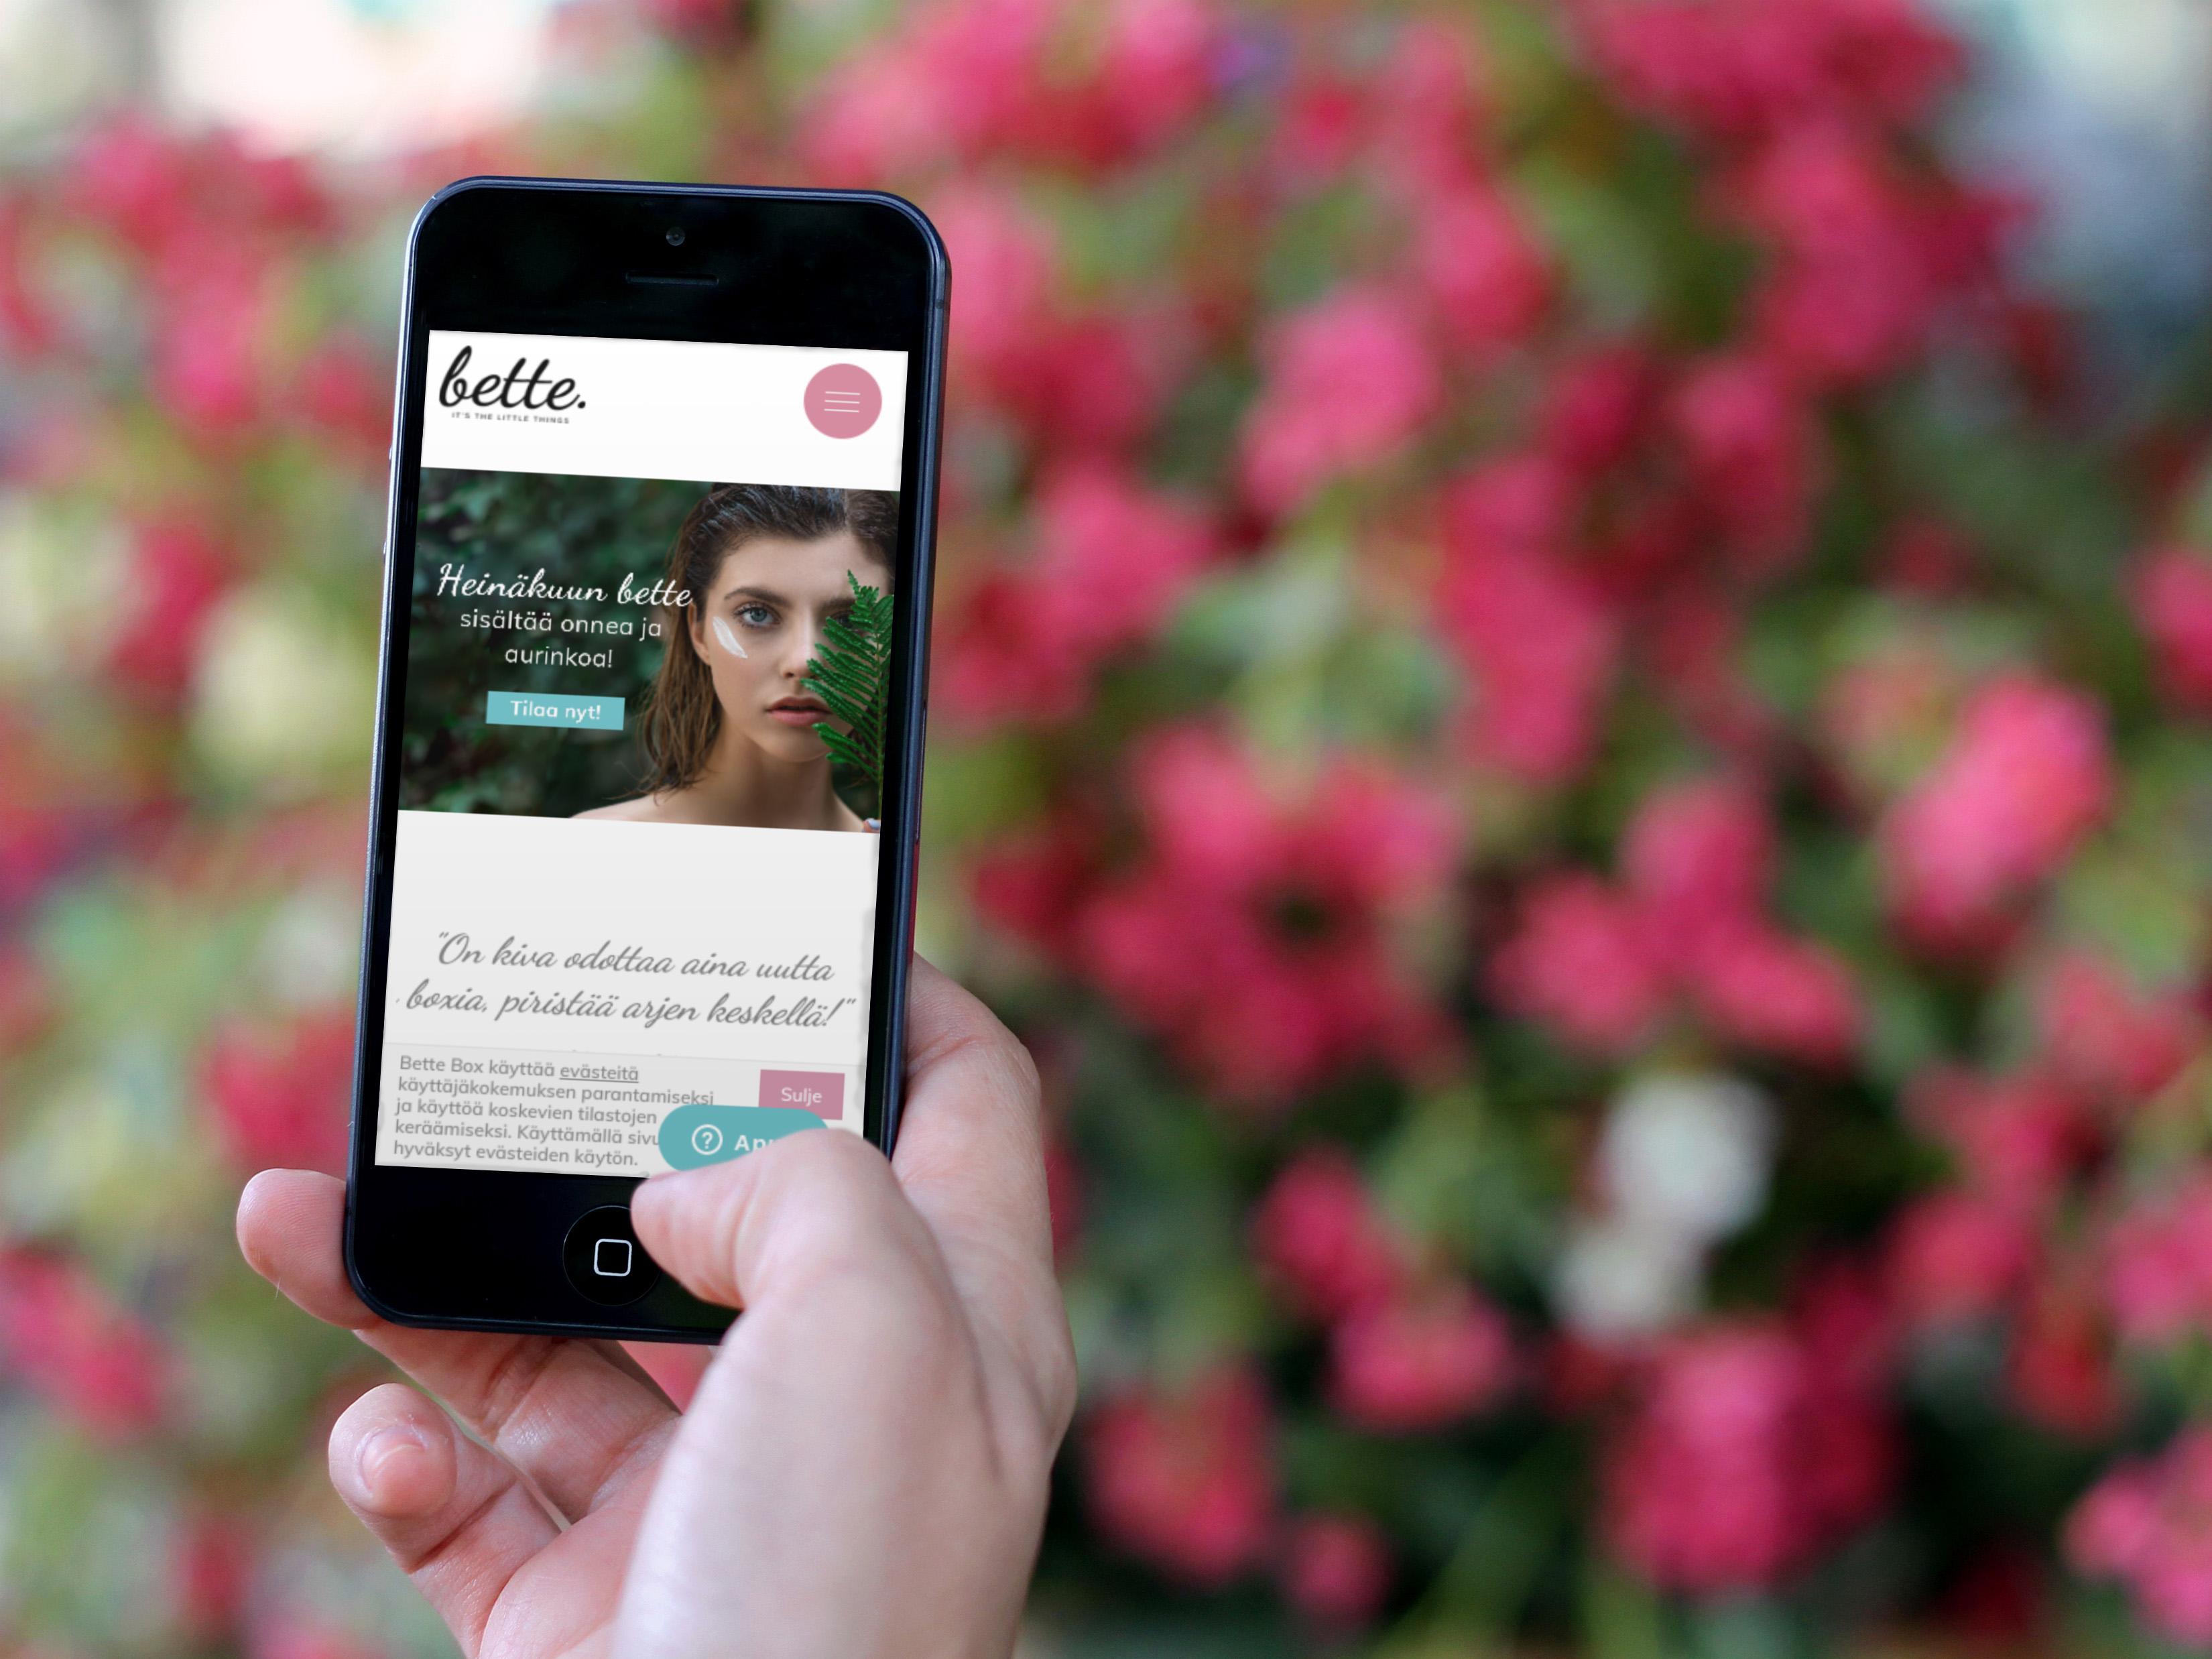 Bettebox.fi verkkokaupan etusivu älypuhelimen näytöllä.